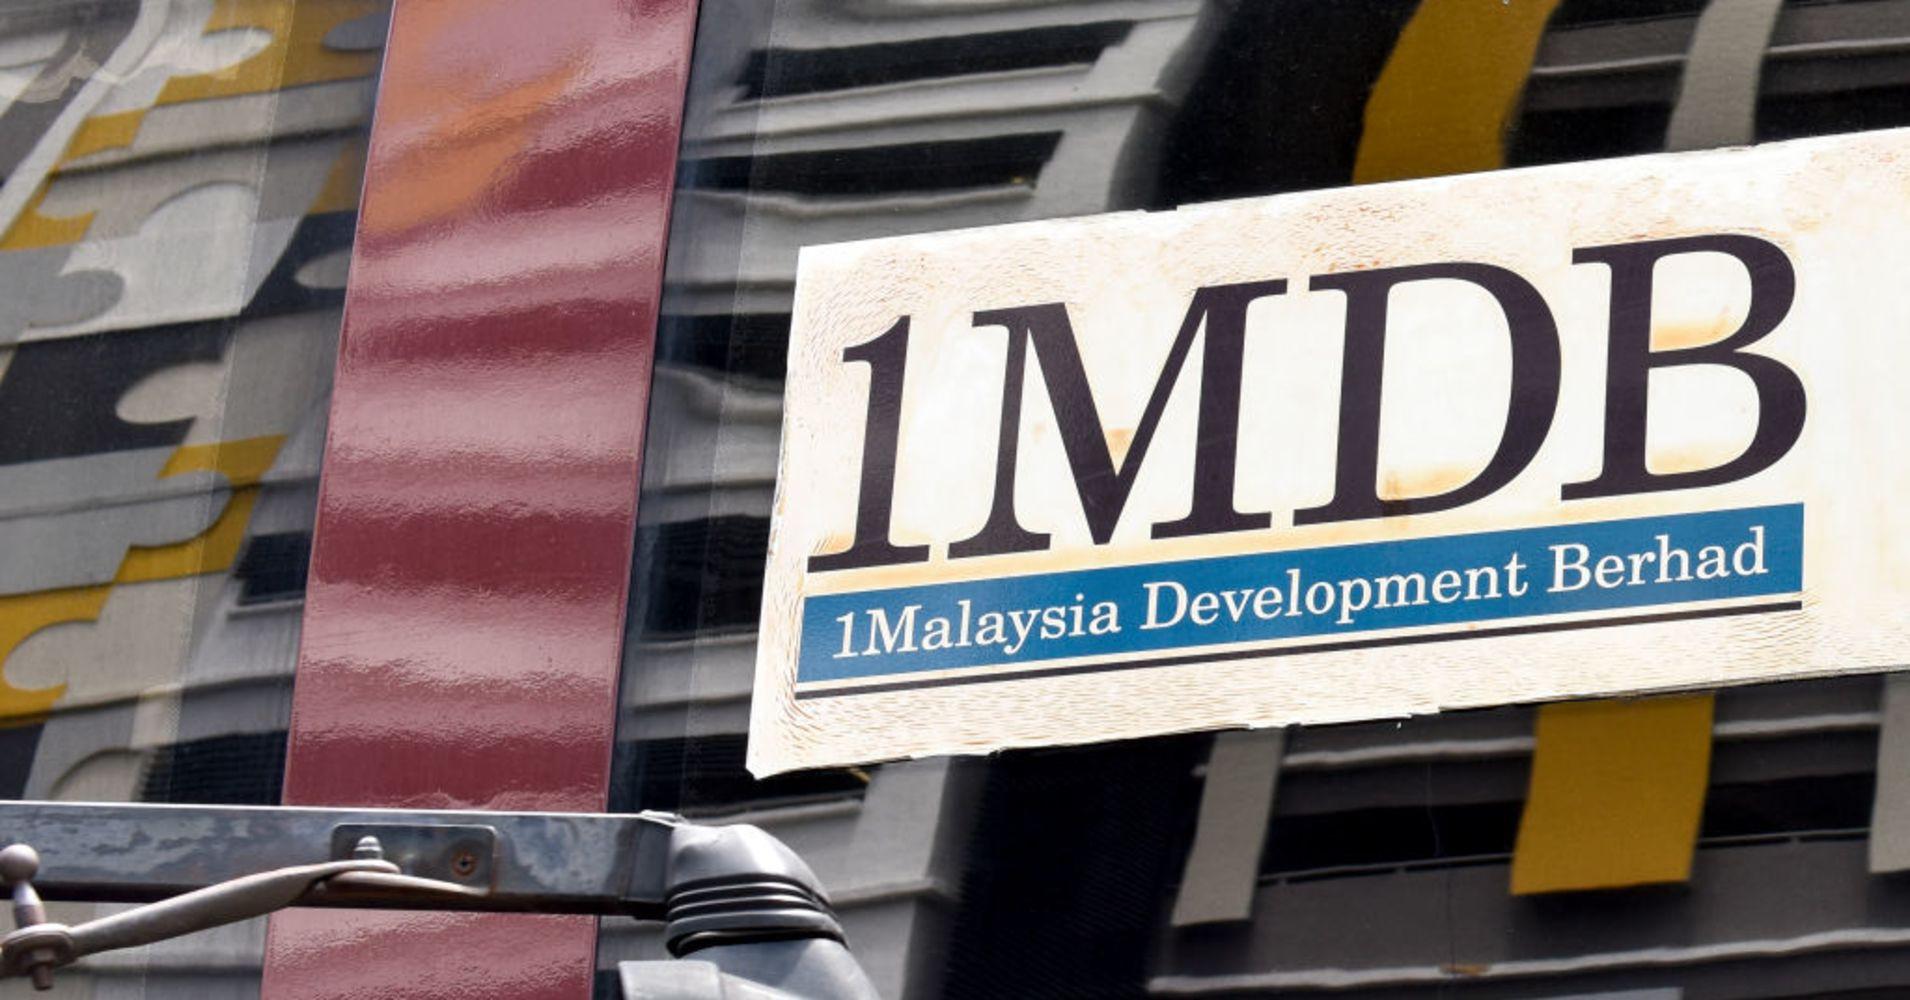 Malaysia đòi ngân hàng Mỹ bồi thường 7,5 tỷ USD vì tiếp tay cựu Thủ tướng tham nhũng vụ 1MDB - Ảnh 1.